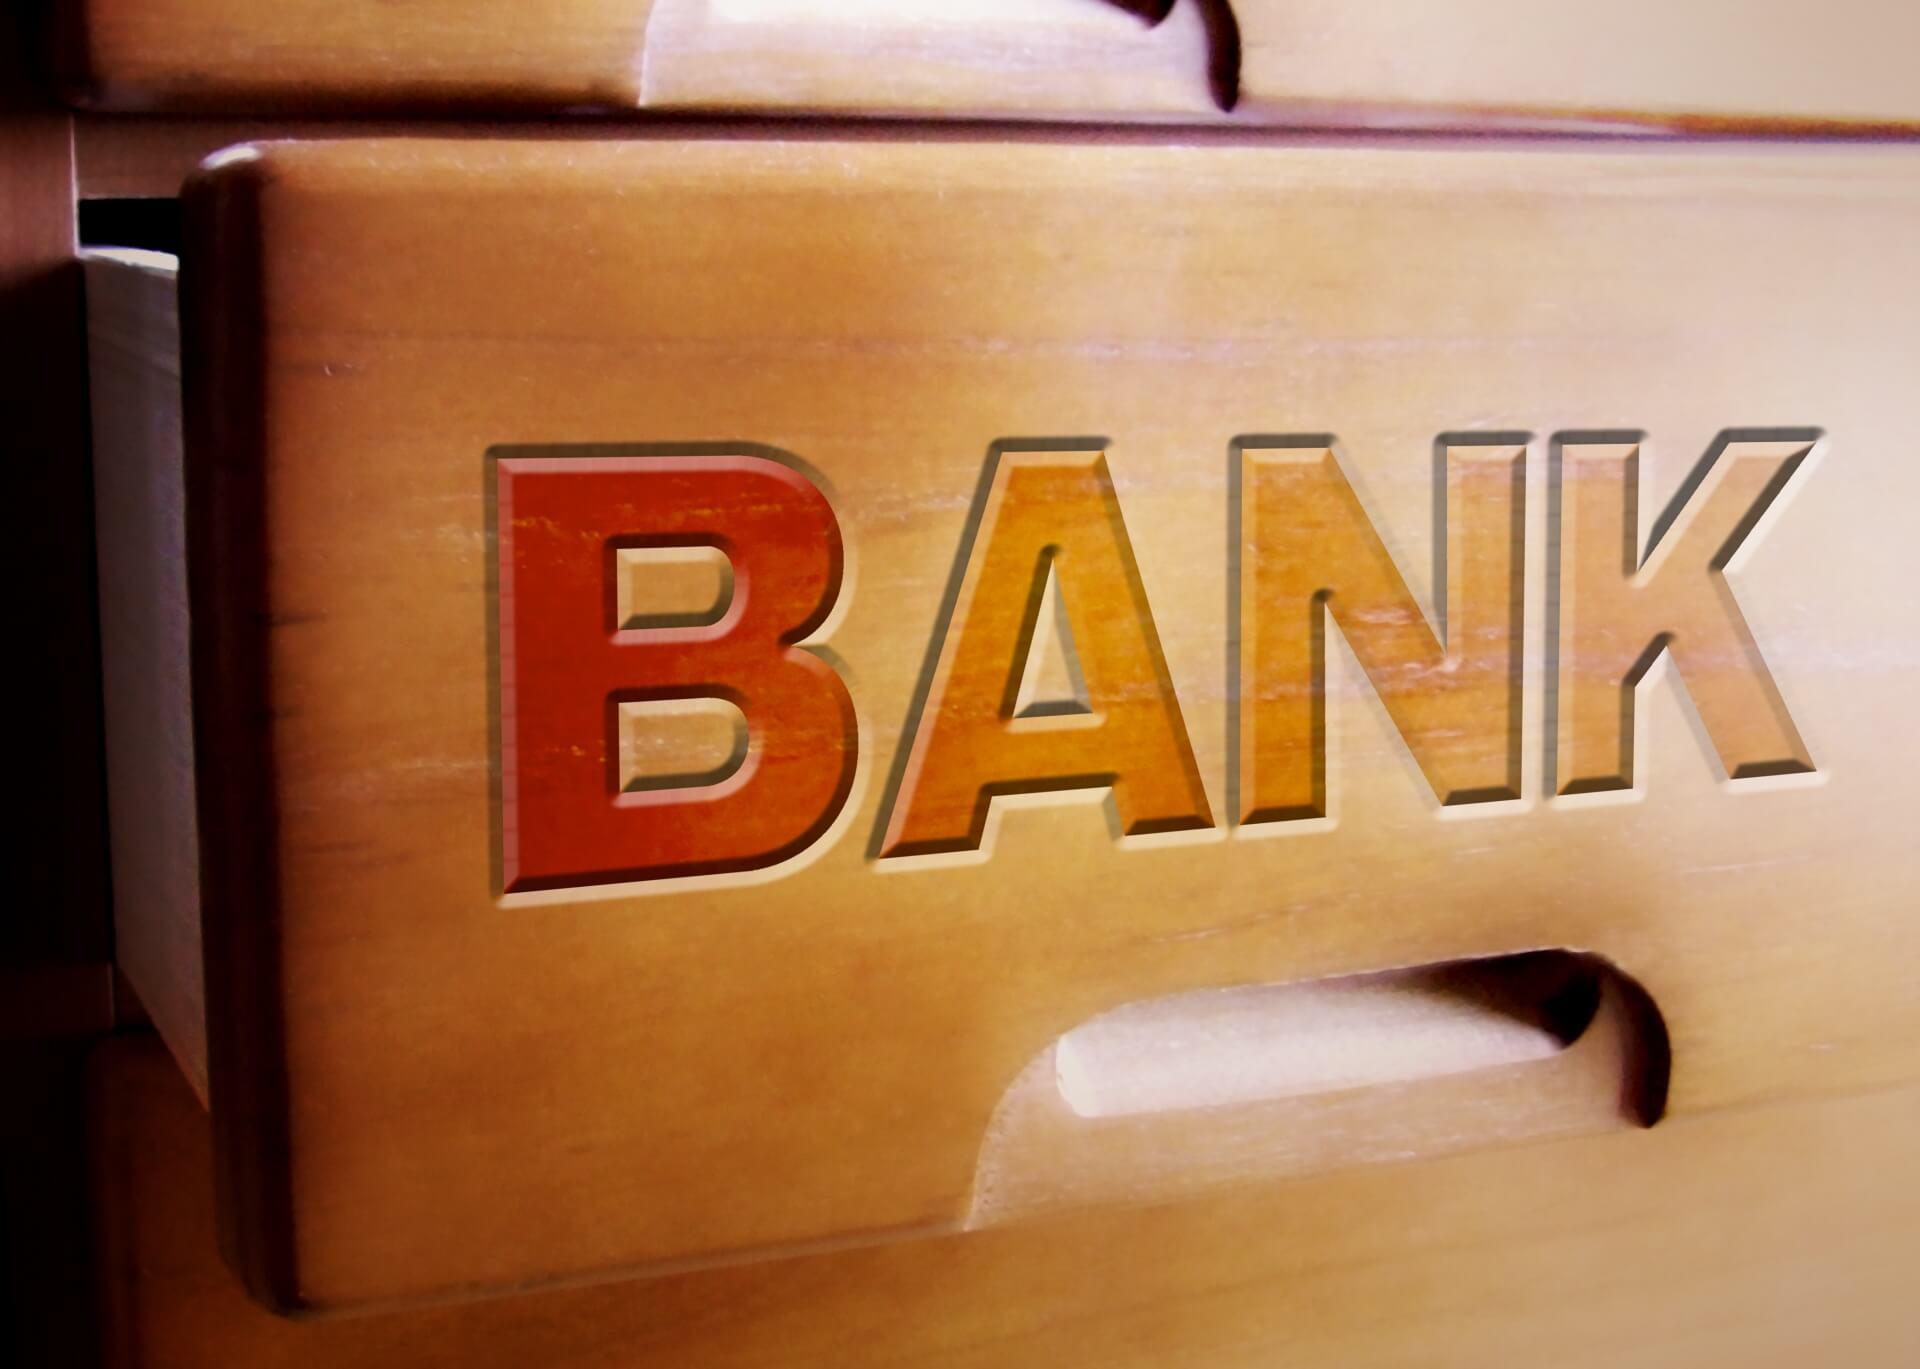 地方銀行に勤める魅力とは?収入面や働き方におけるメガバンクとの違いを紹介!   ES研究所